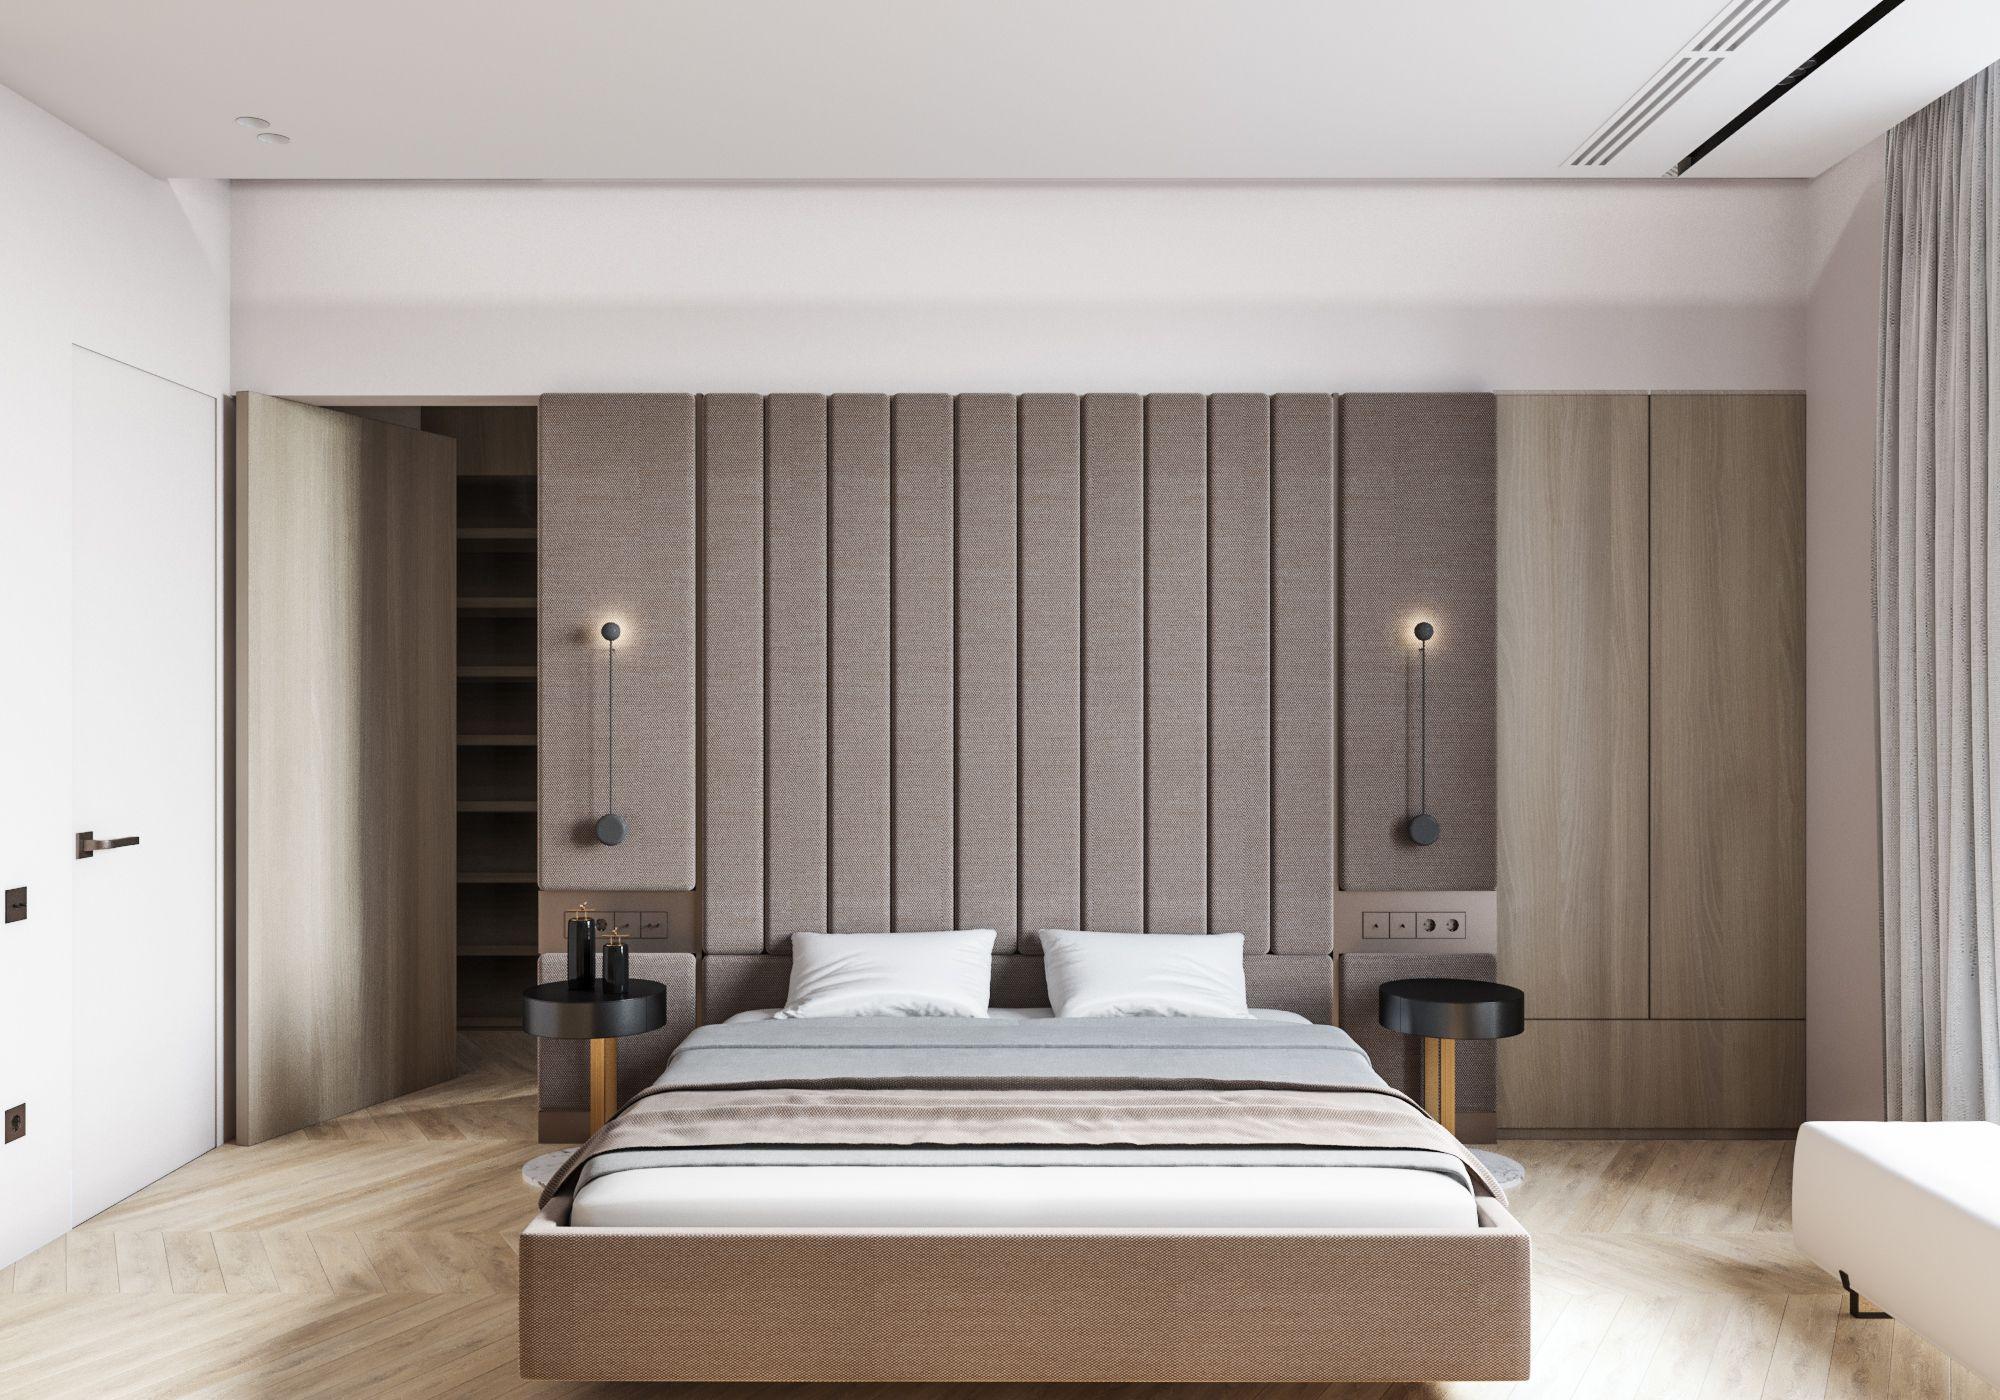 Pin Van Prabhat Mevada Op Bedrooms